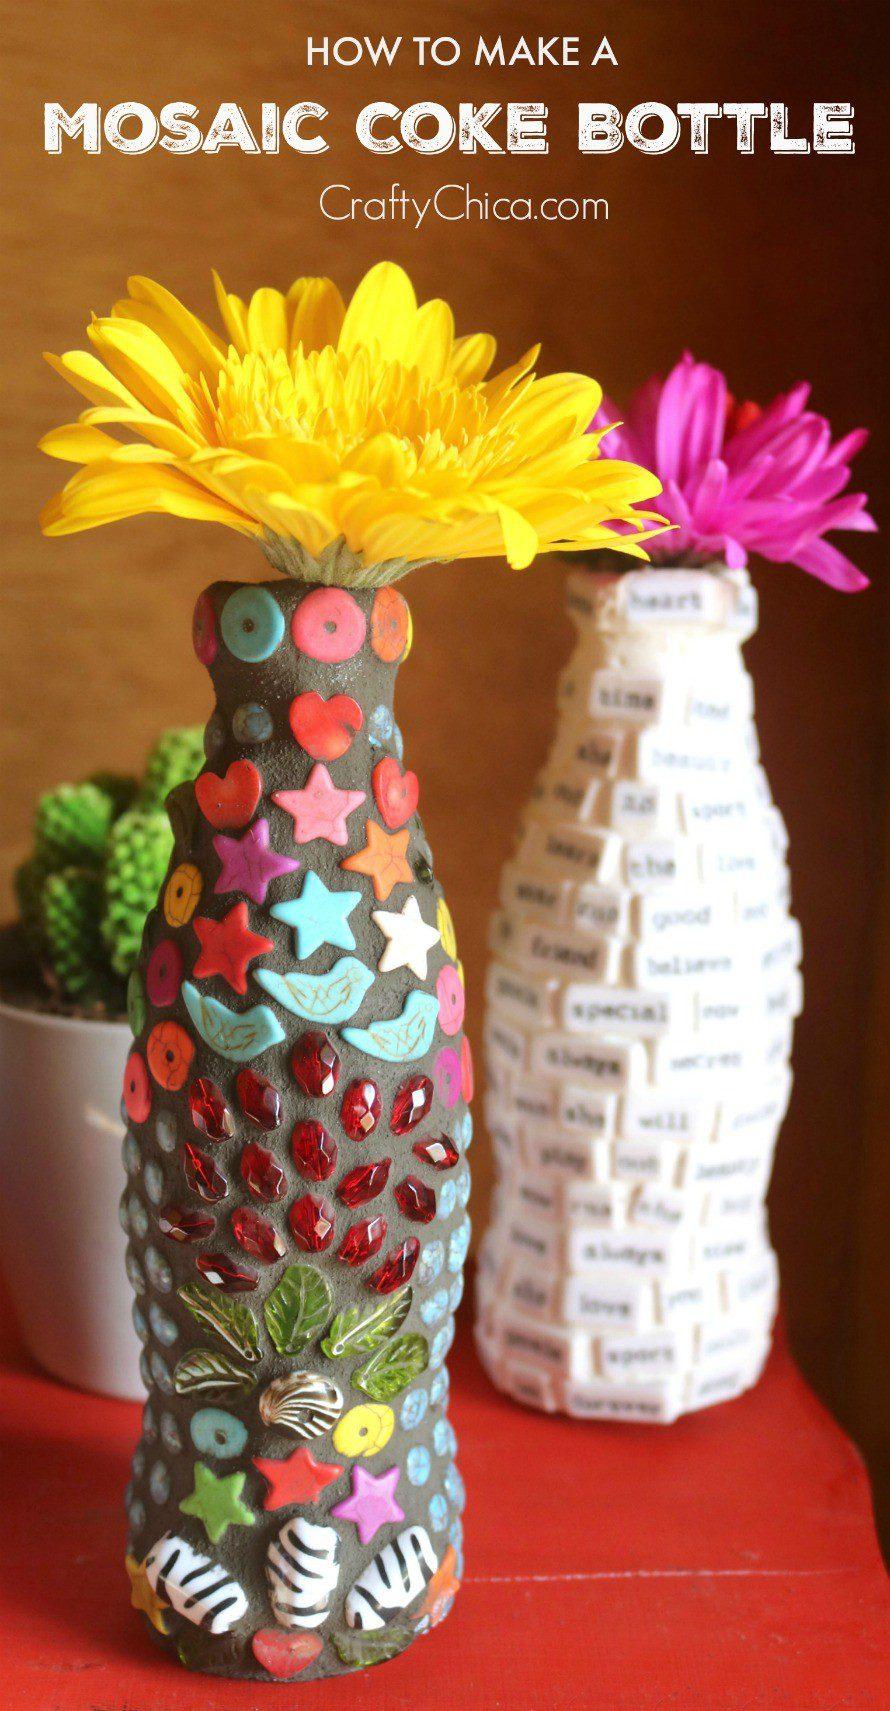 mosaic-coke-bottle